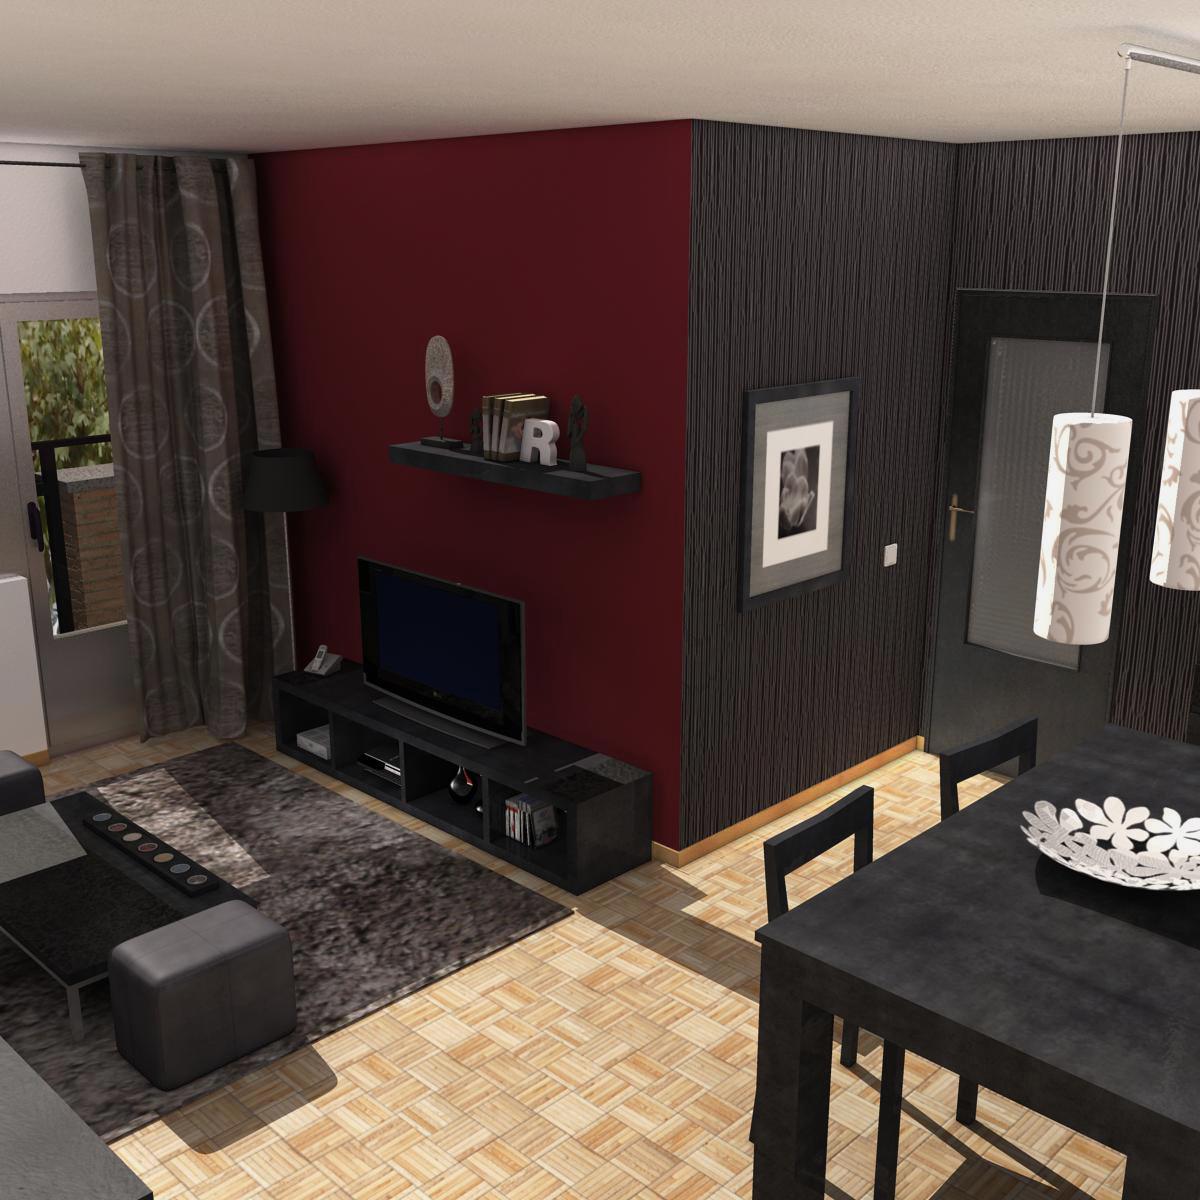 dzīvojamā istaba 3d modelis 3ds max fbx c4d ma mb obj 159609